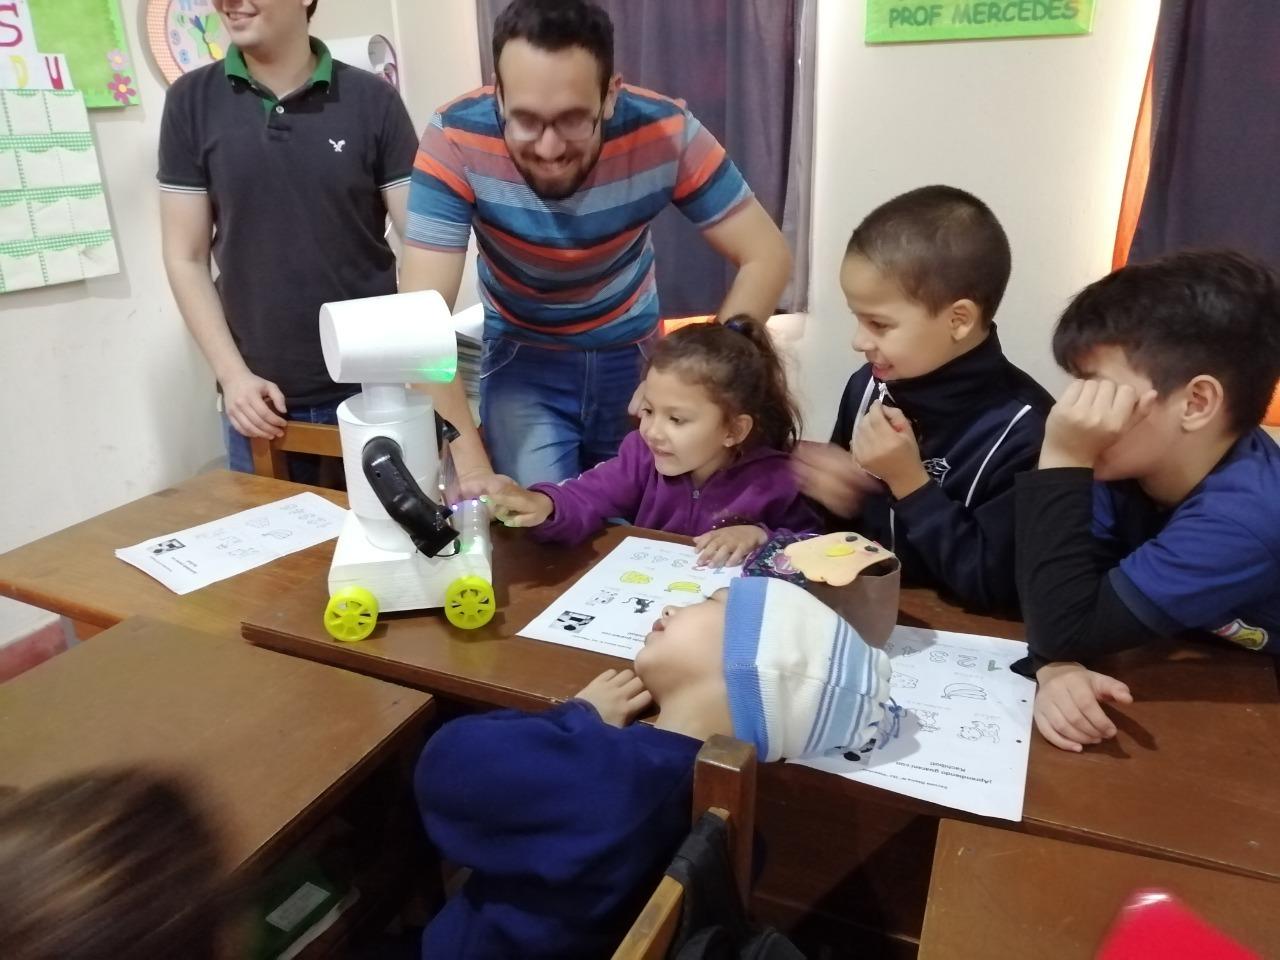 Crean un robot que enseña guaraní